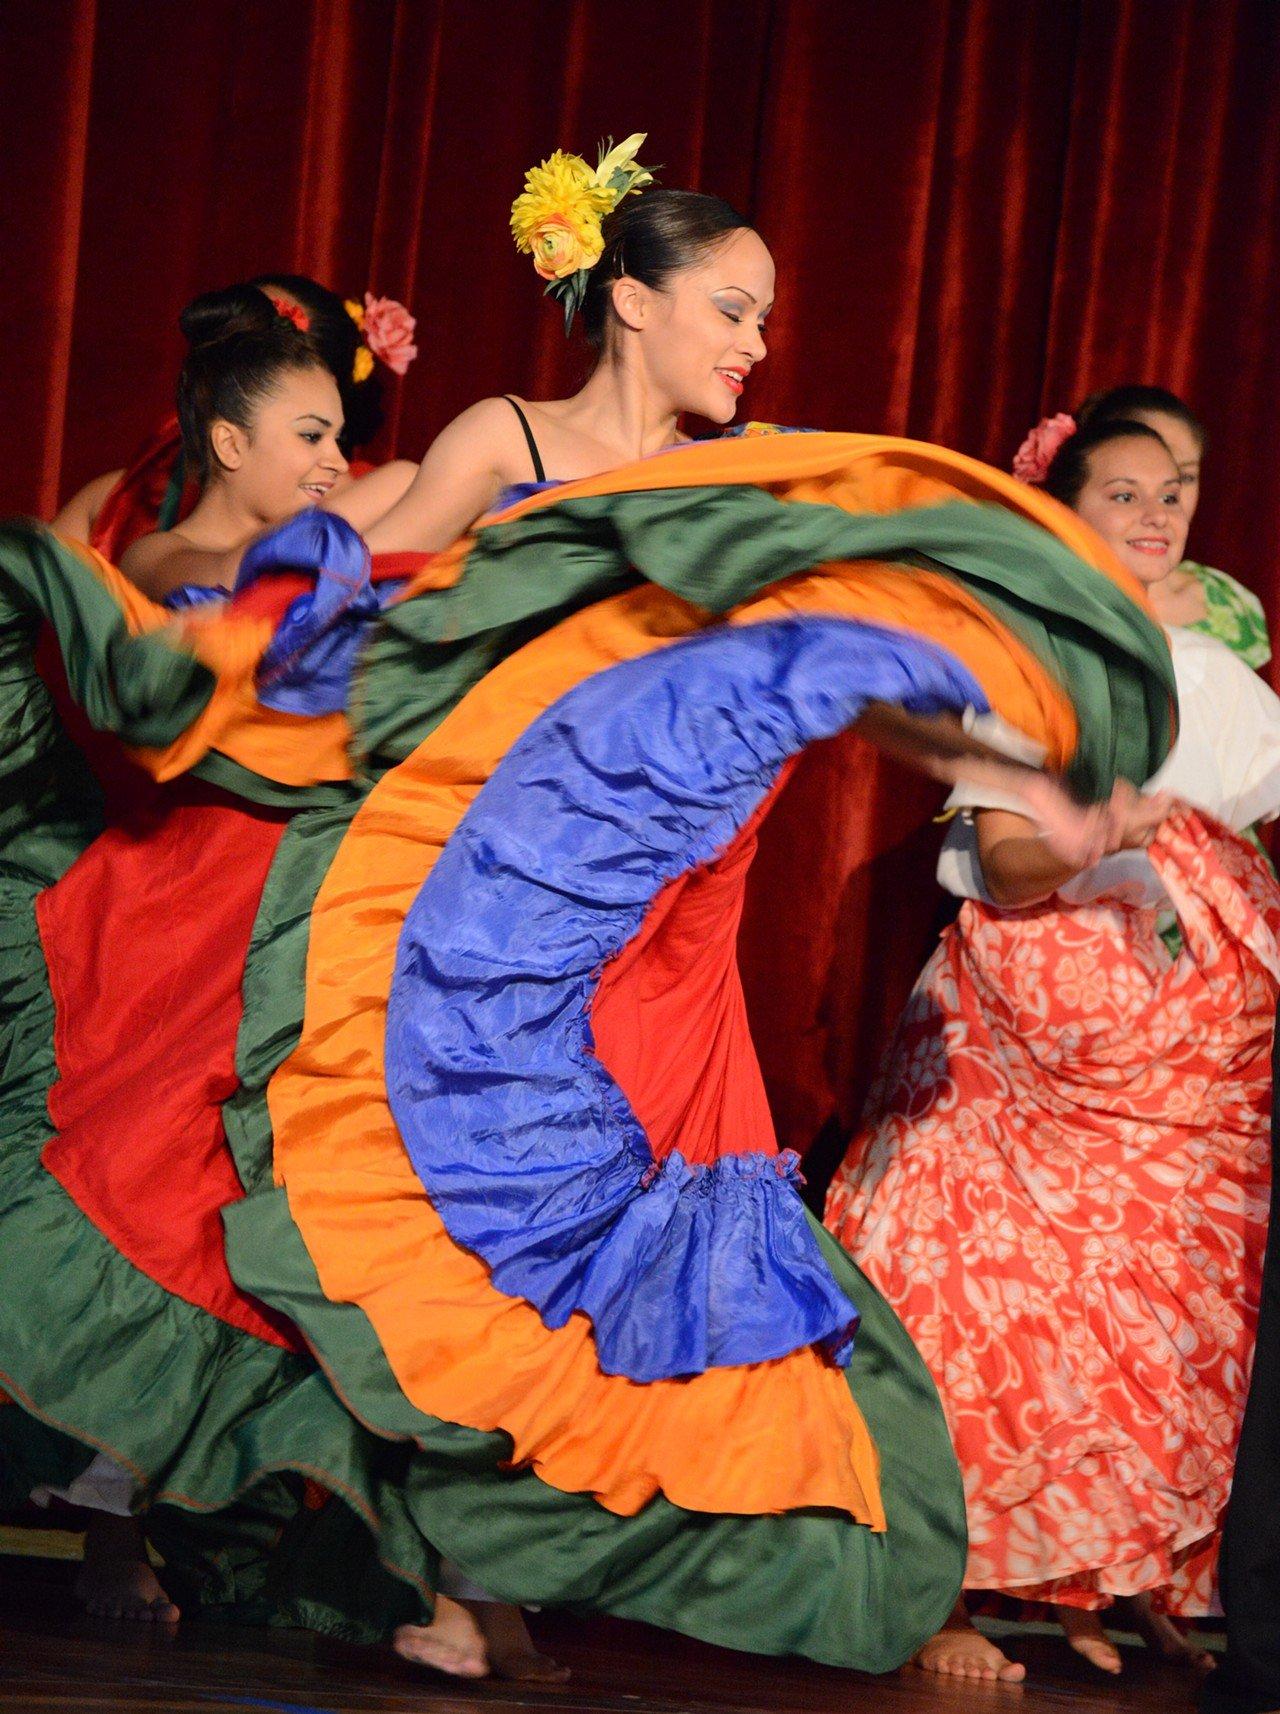 Bailable de plena puertorriqueña